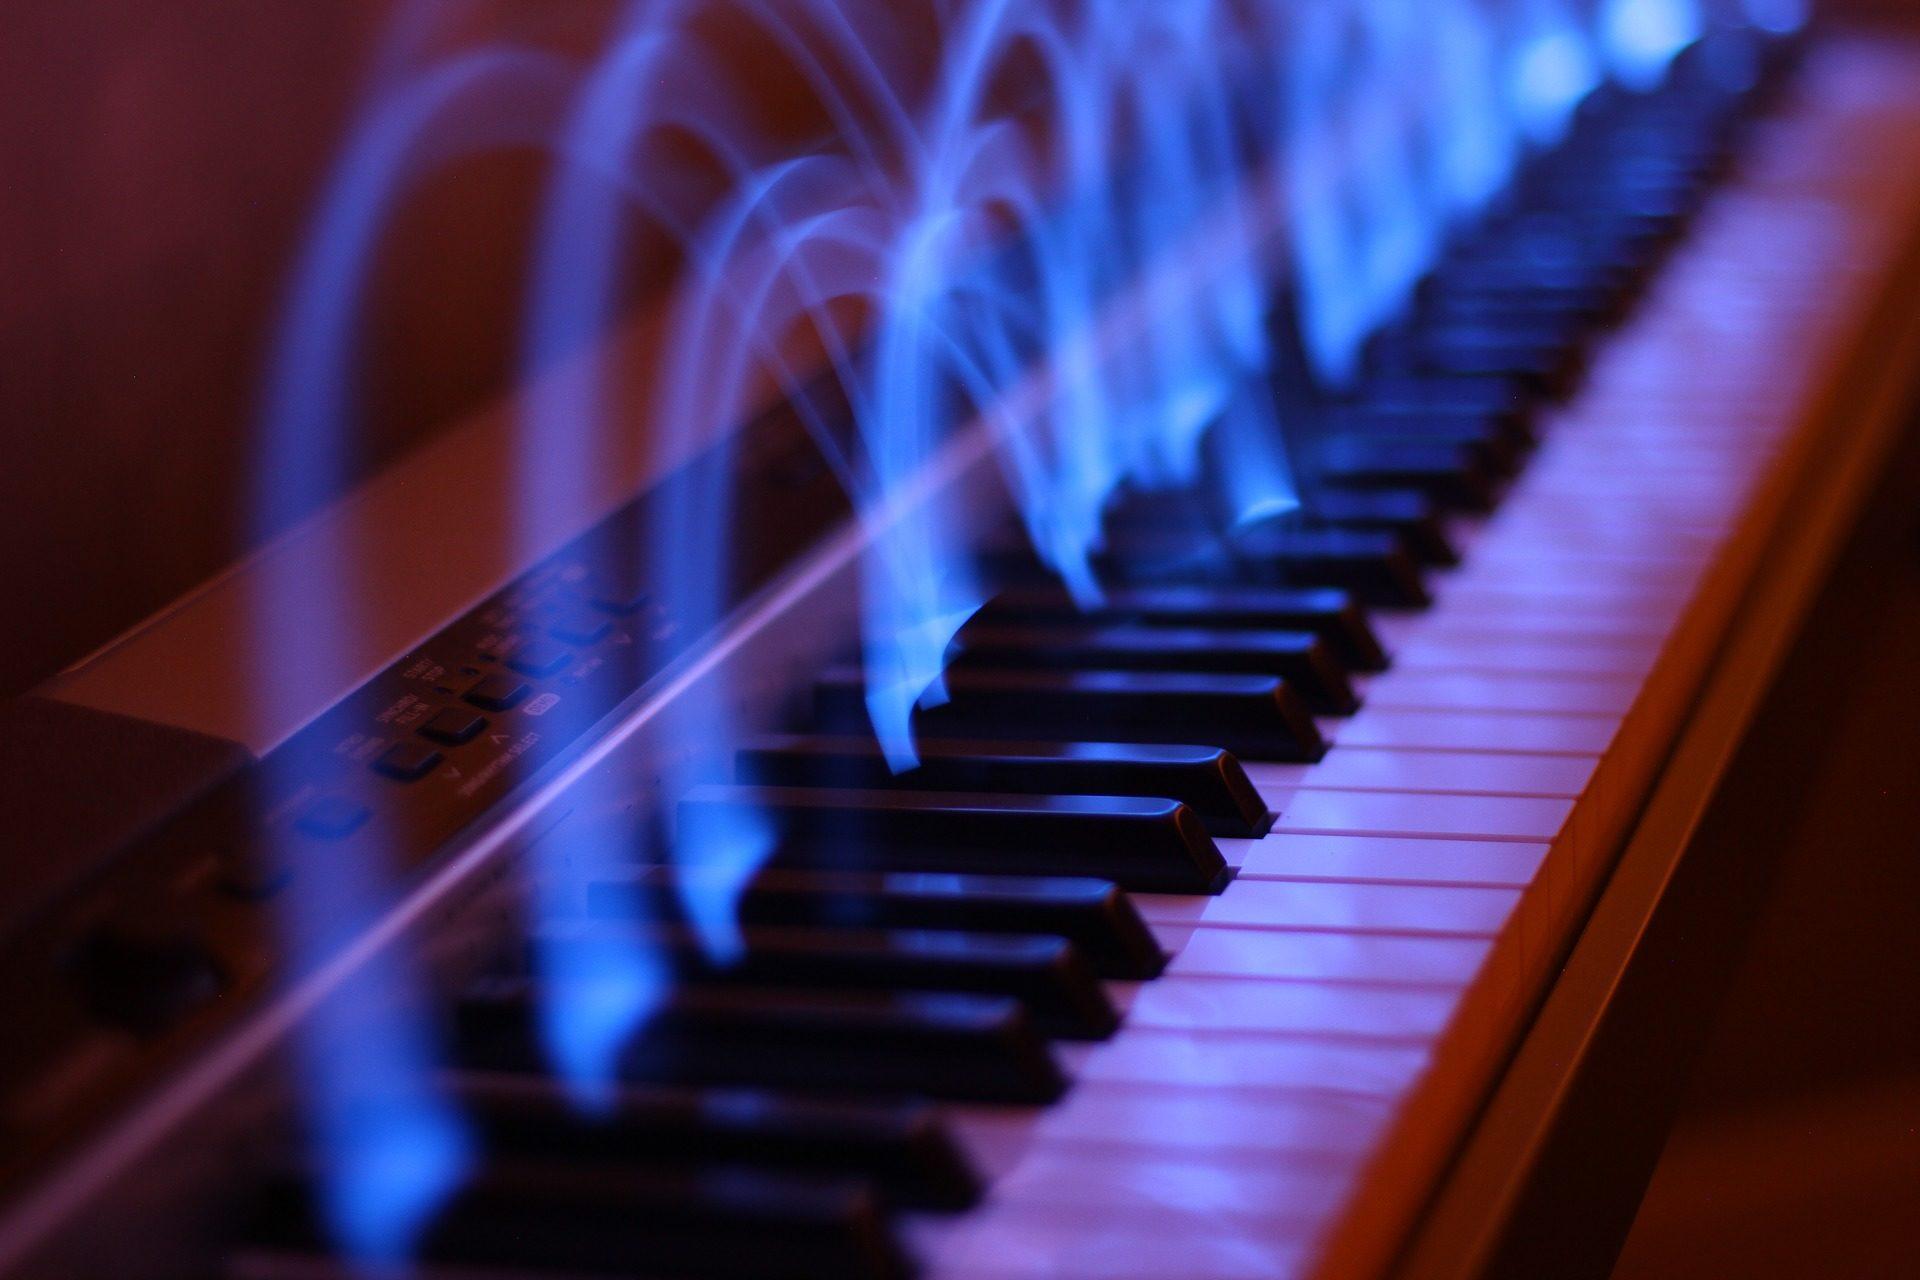 पियानो, कुंजियाँ, halos, प्रभाव, रोशनी - HD वॉलपेपर - प्रोफेसर-falken.com